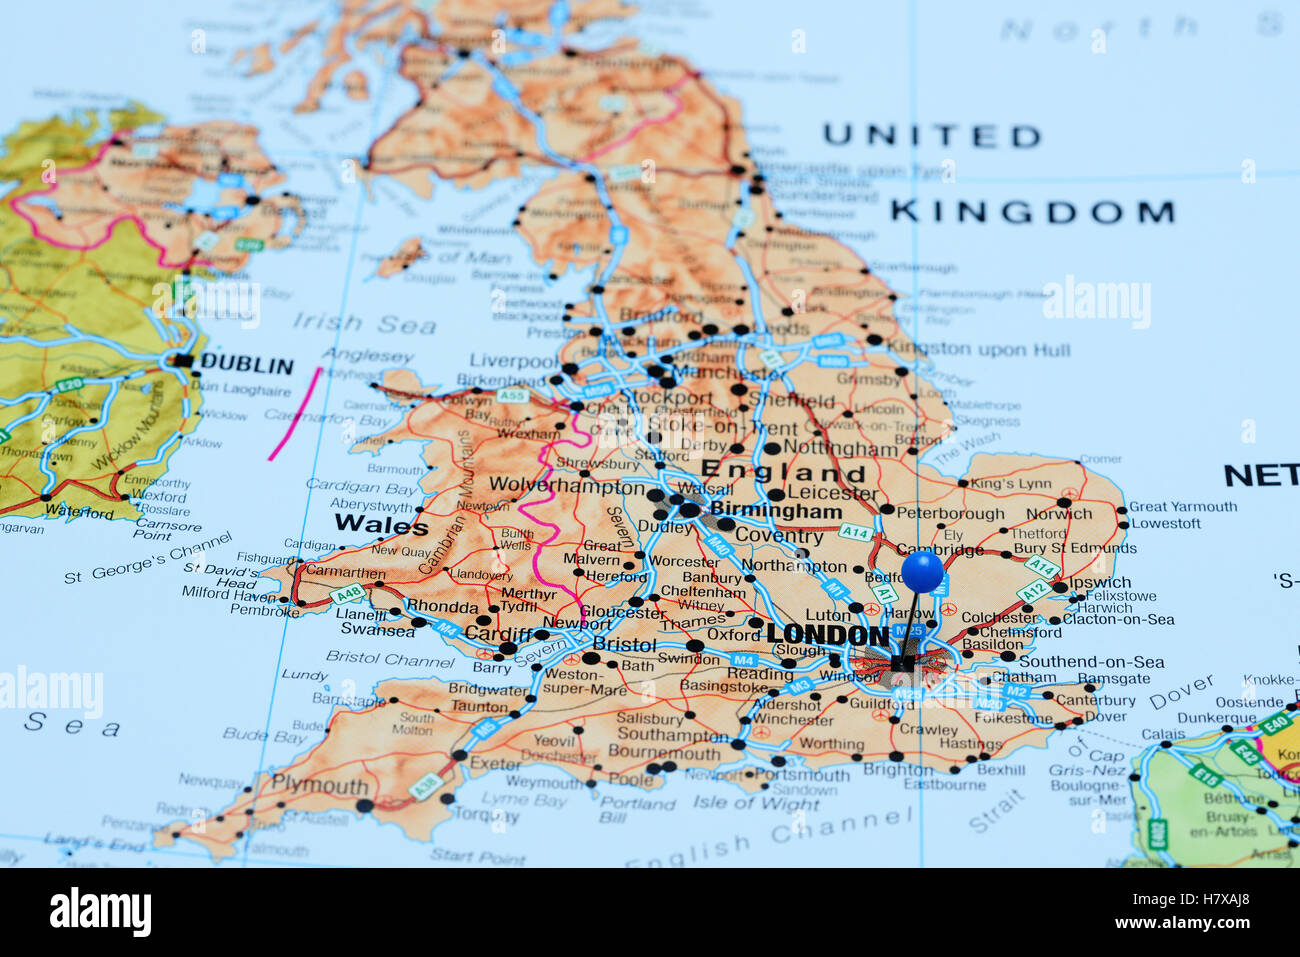 Uk London Map.London Pinned On A Map Of Uk Stock Photo 125354272 Alamy